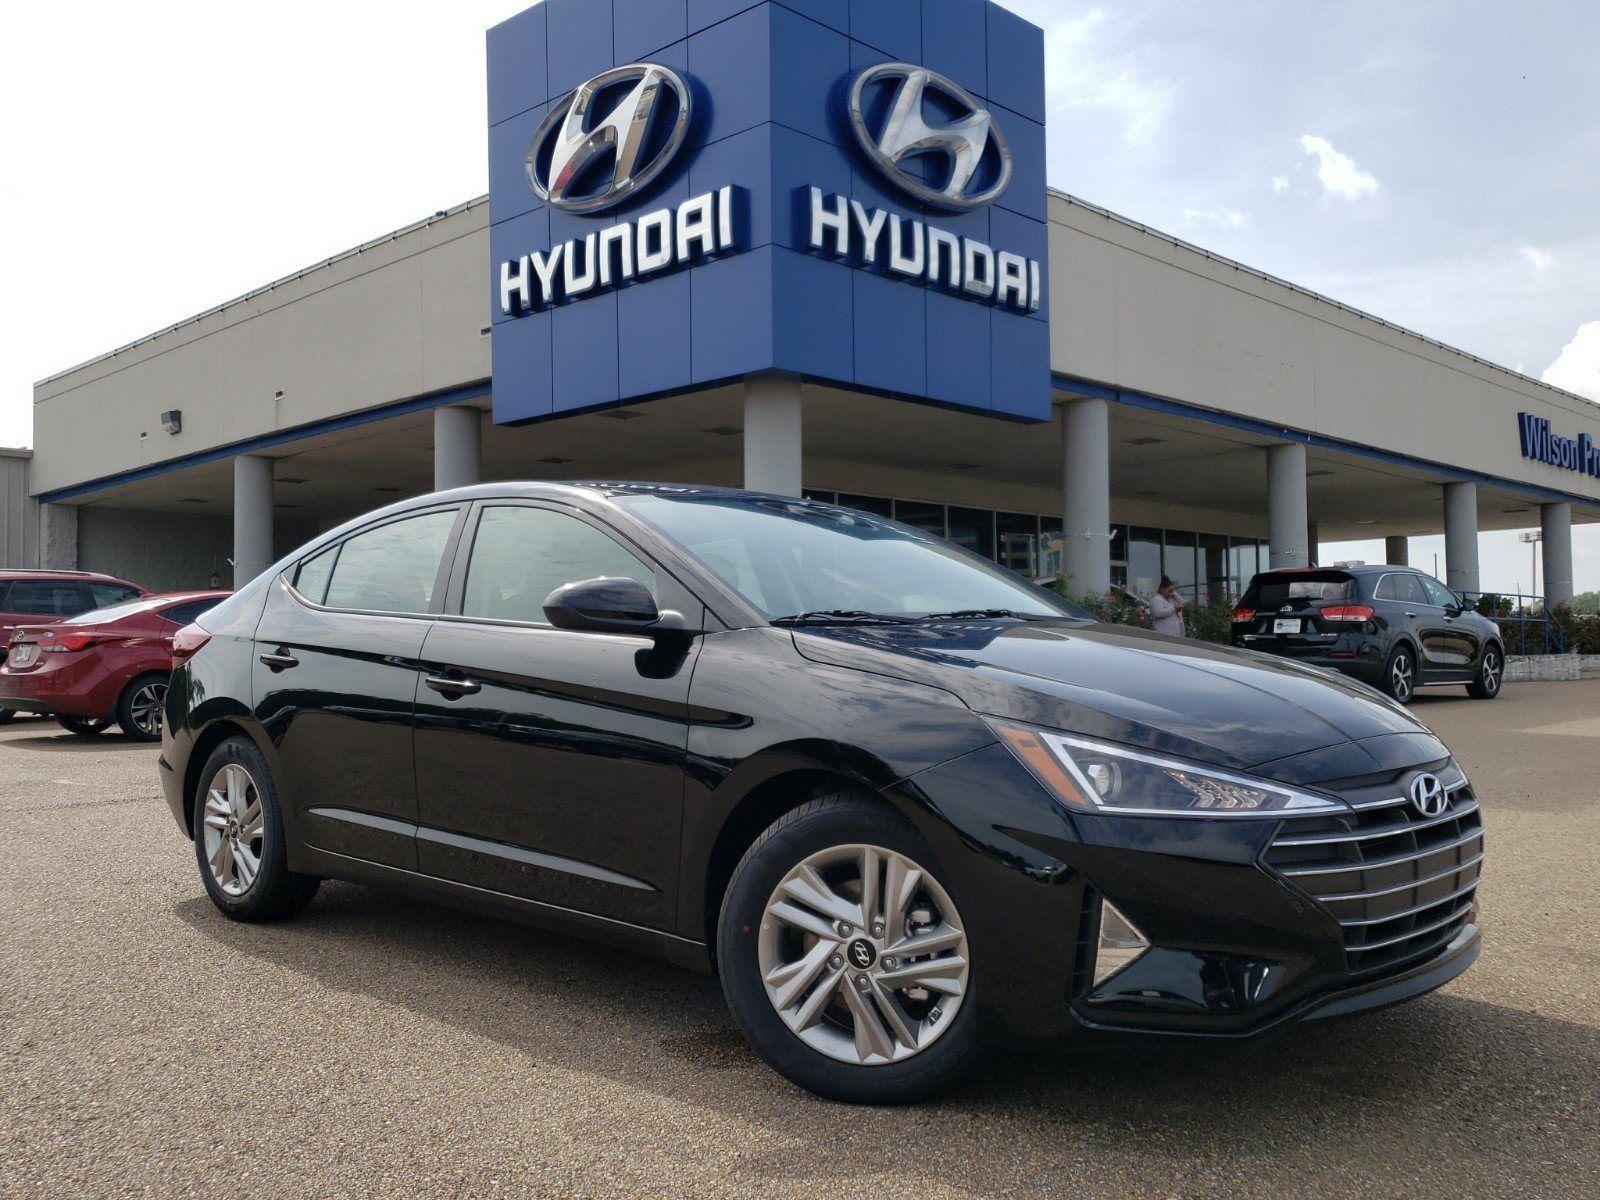 2020 Hyundai Elantra Sedan History In 2020 Hyundai Elantra Hyundai Elantra